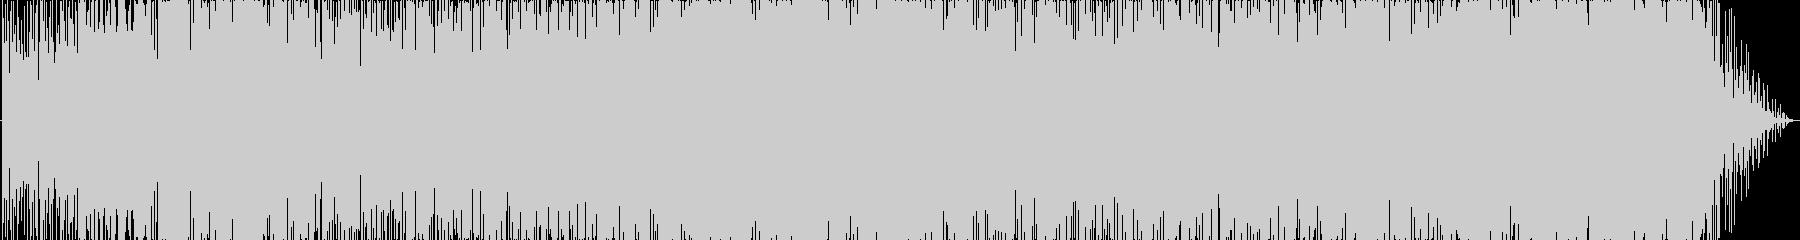 ジャズとフュージョン。マーカスミラーで。の未再生の波形